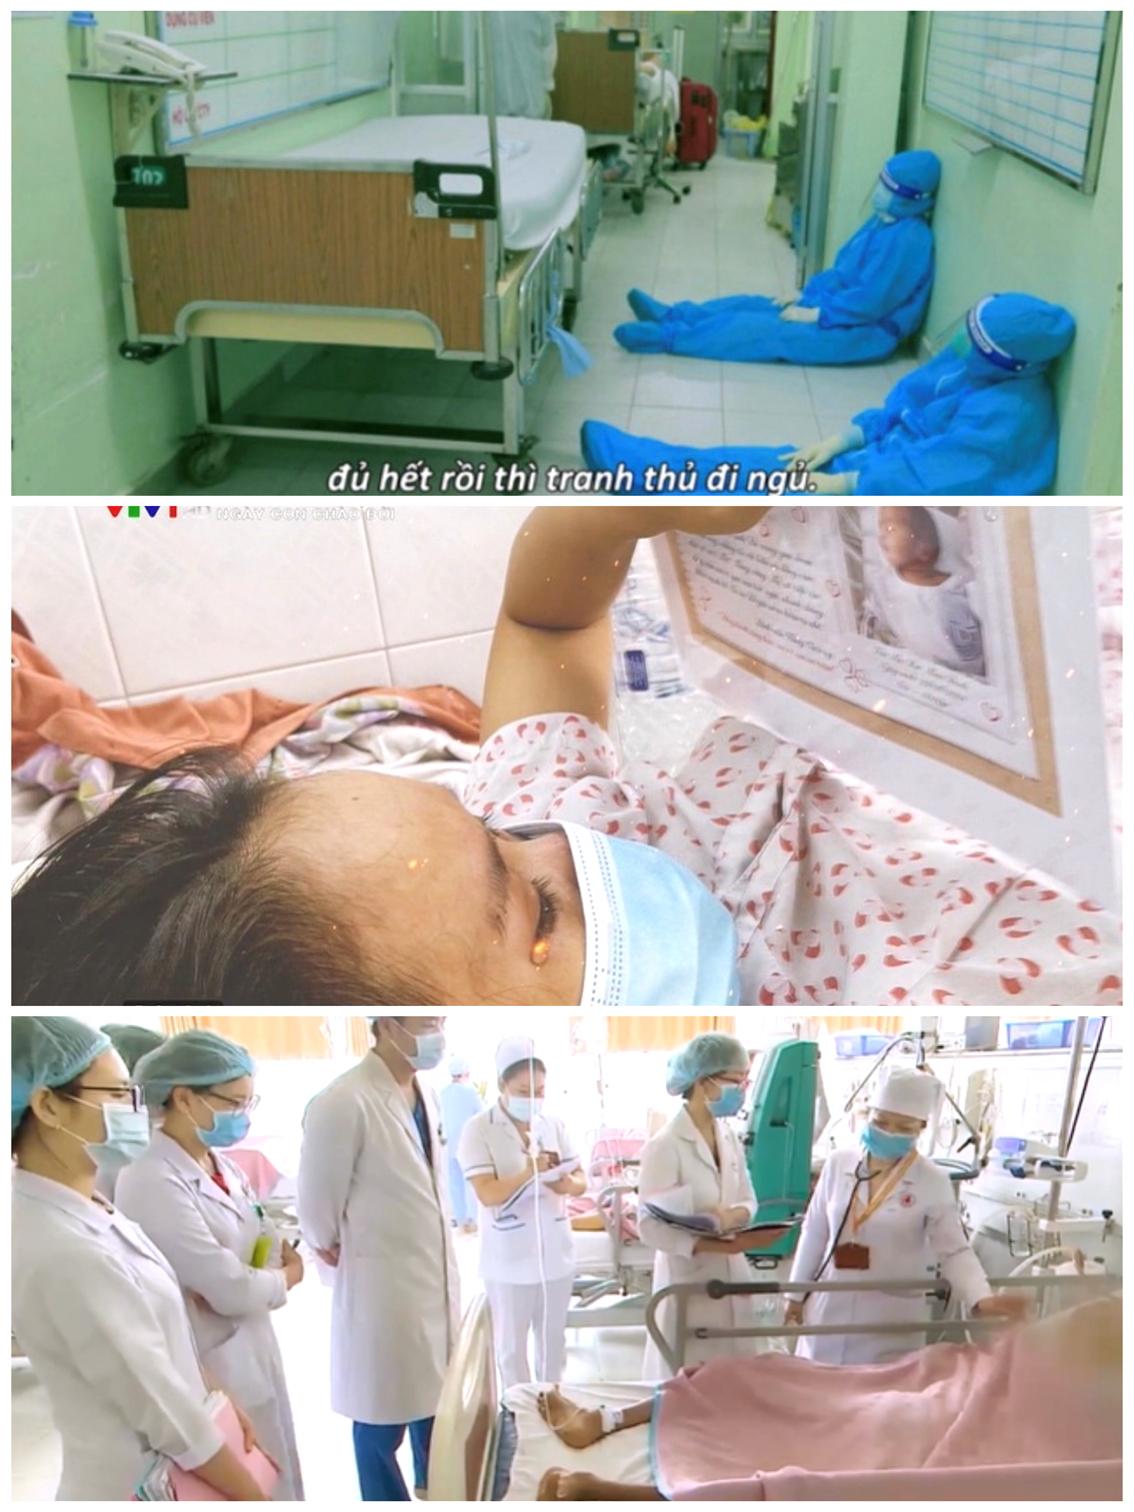 Một số hình ảnh gây xúc động trong phim tài liệu Ngày con chào đời phát sóng trên VTV